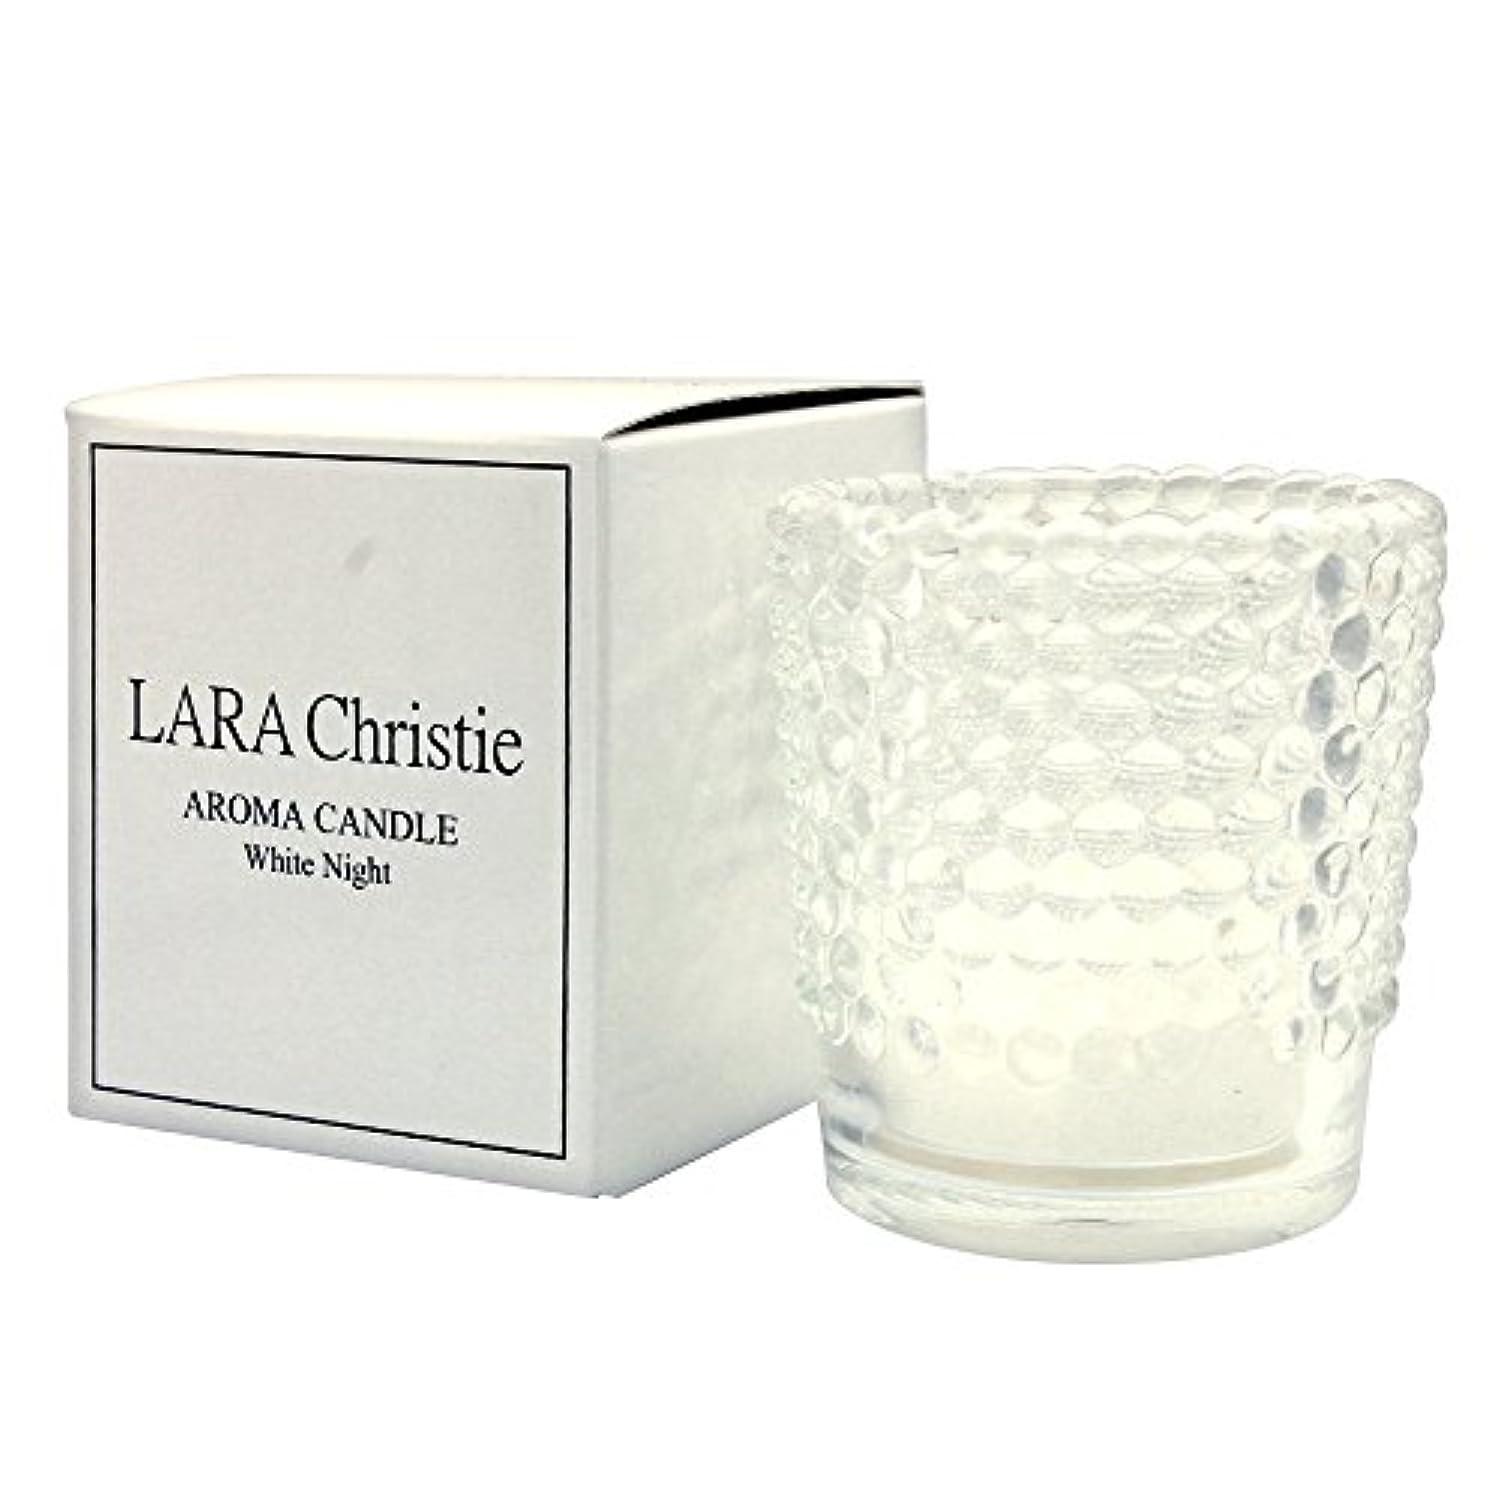 鉱石弁護士流用する[ララクリスティー] LARA Christie ホワイトナイト アロマキャンドル [ WHITE Label ] a0011-w